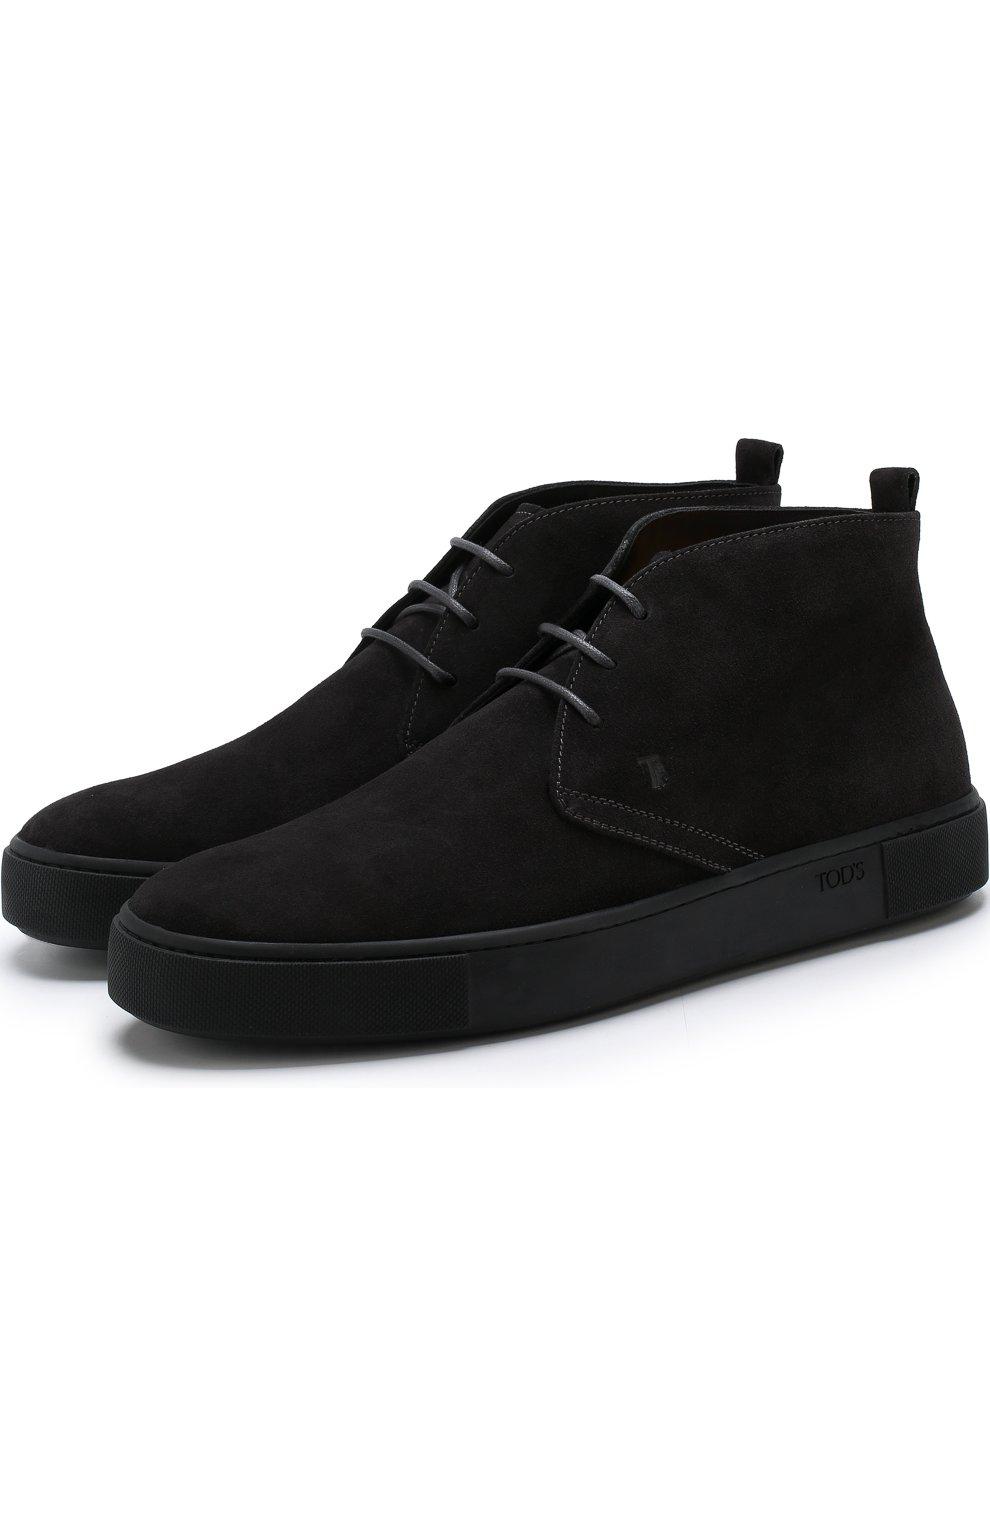 Высокие замшевые ботинки на шнуровке   Фото №1